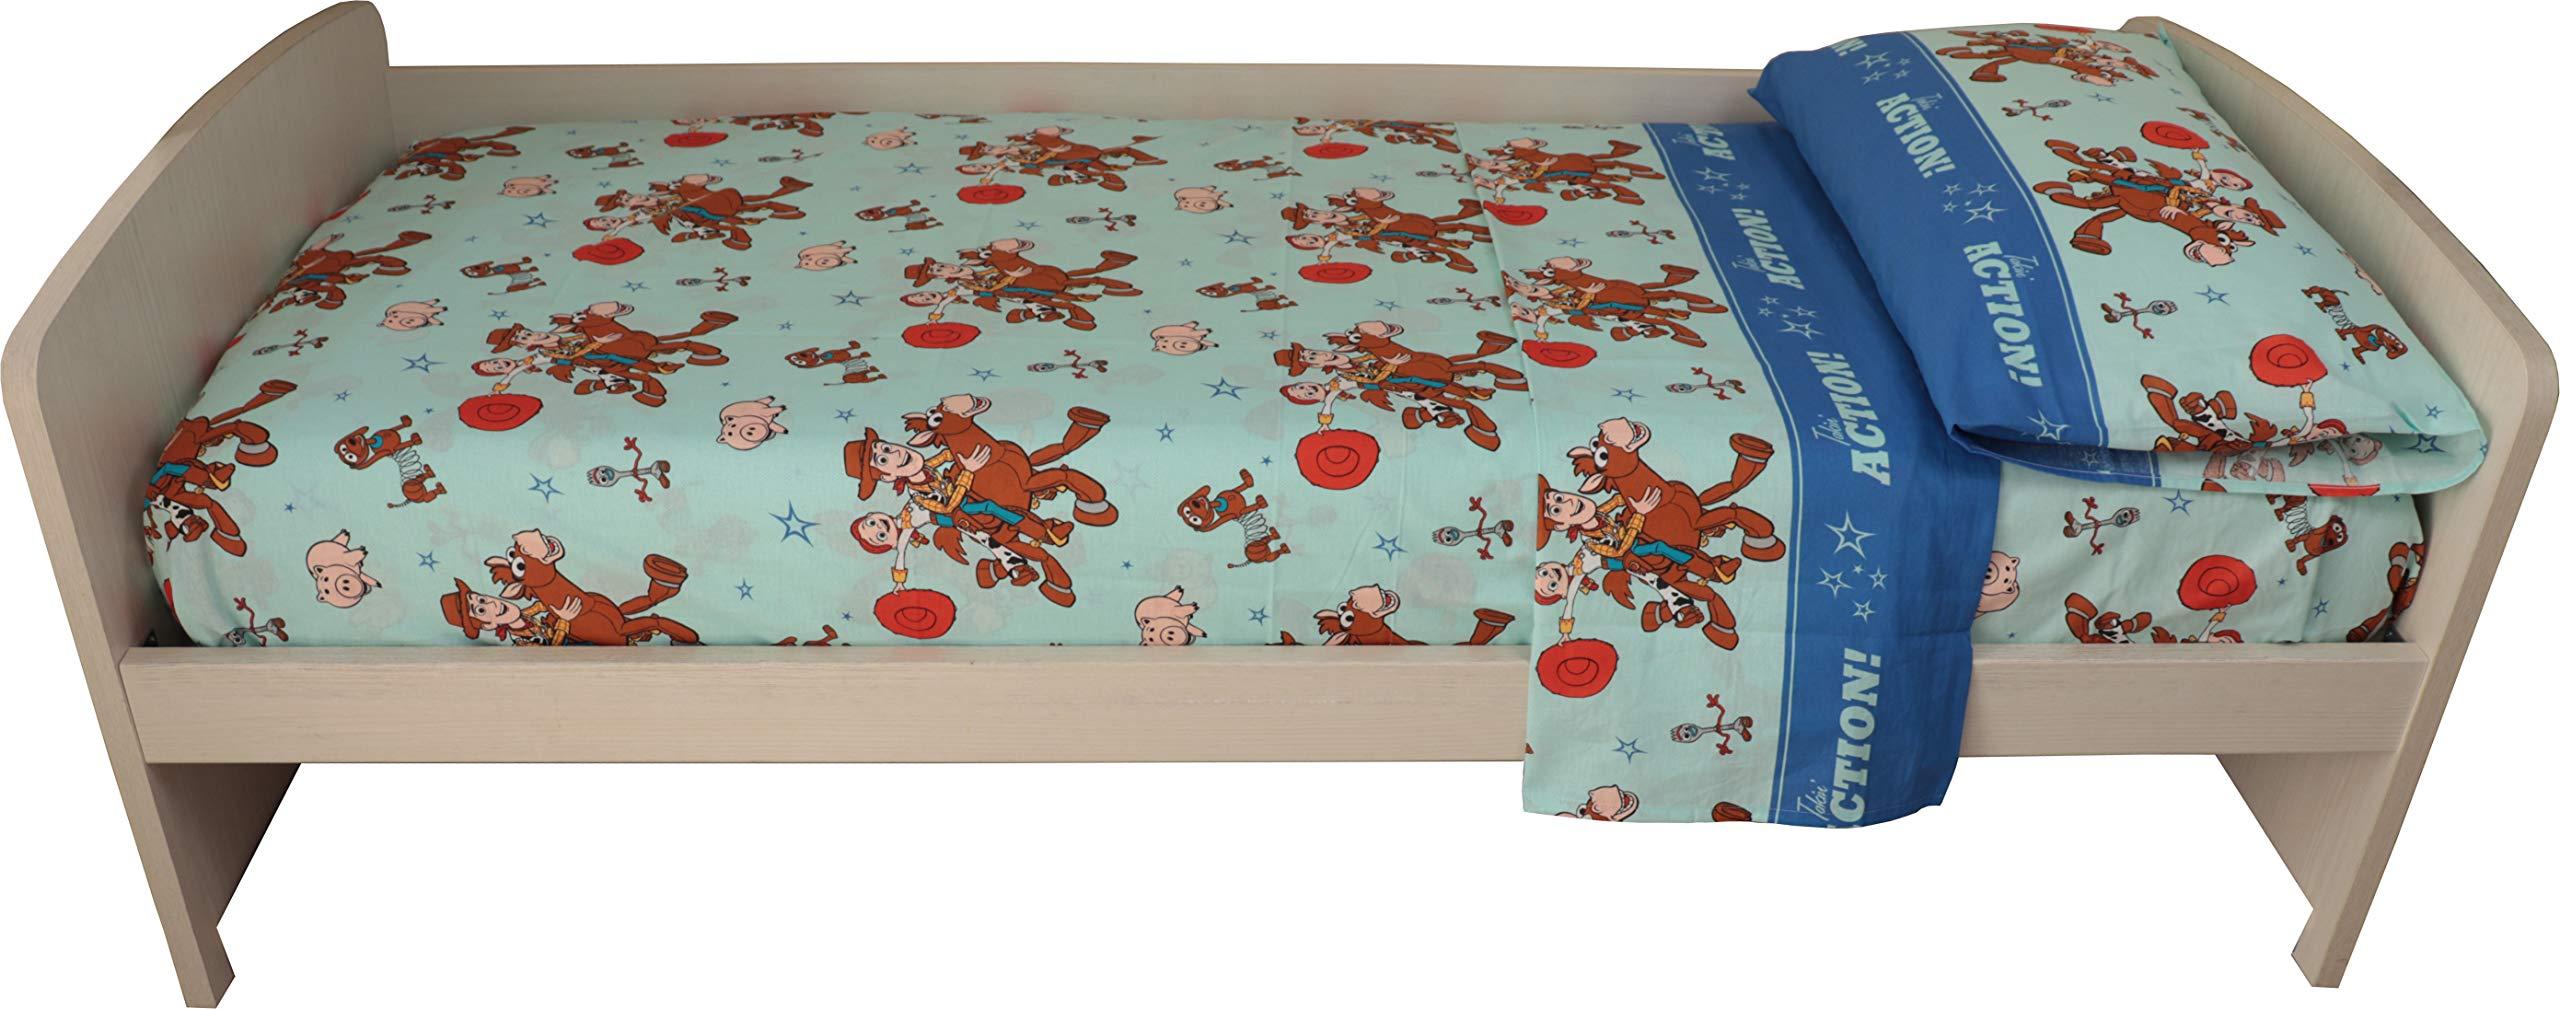 Disegno Minnie Mouse Topolina Made in Europe KISENE Disney Completo per Letto Singolo in Puro Cotone